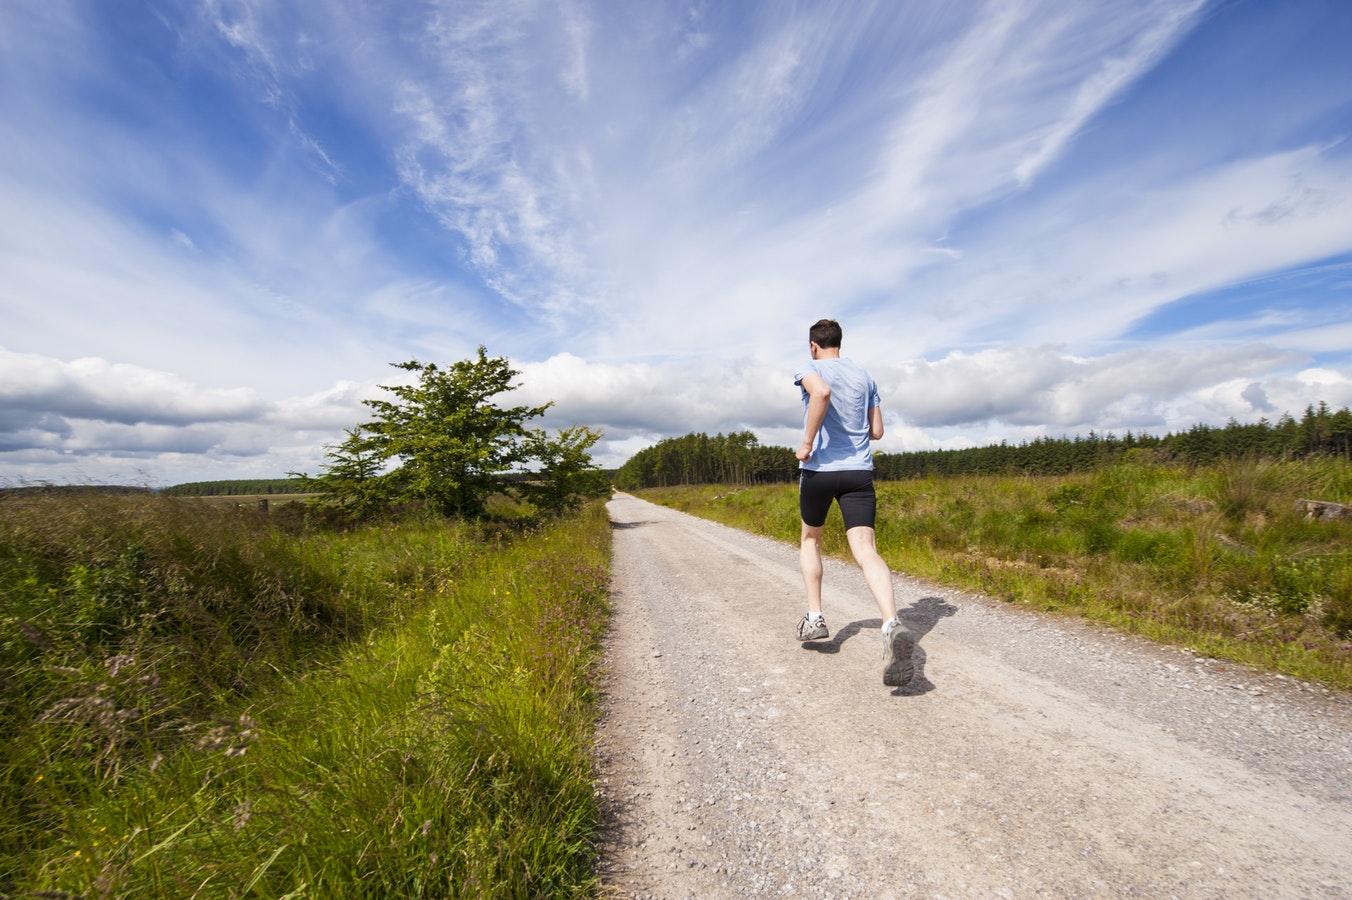 Com Tenir Un Estil De Vida Més Saludable